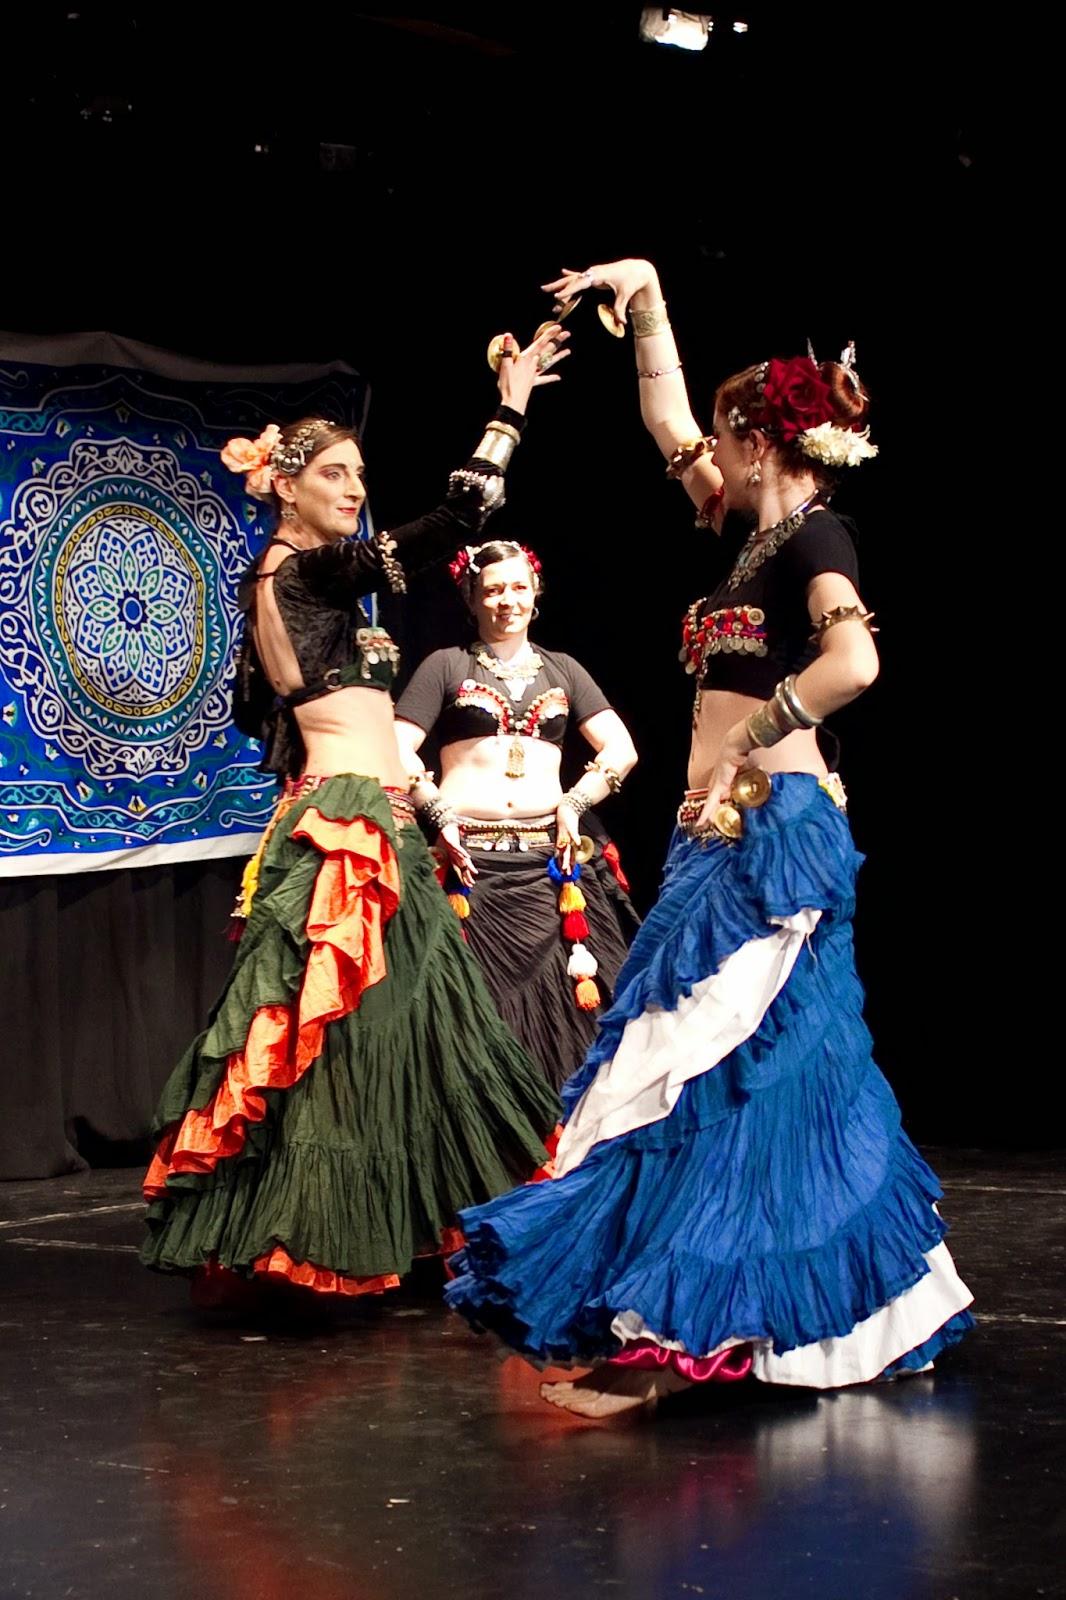 Clases de ATS danza tribal en MAdrid con Alicia Lopez